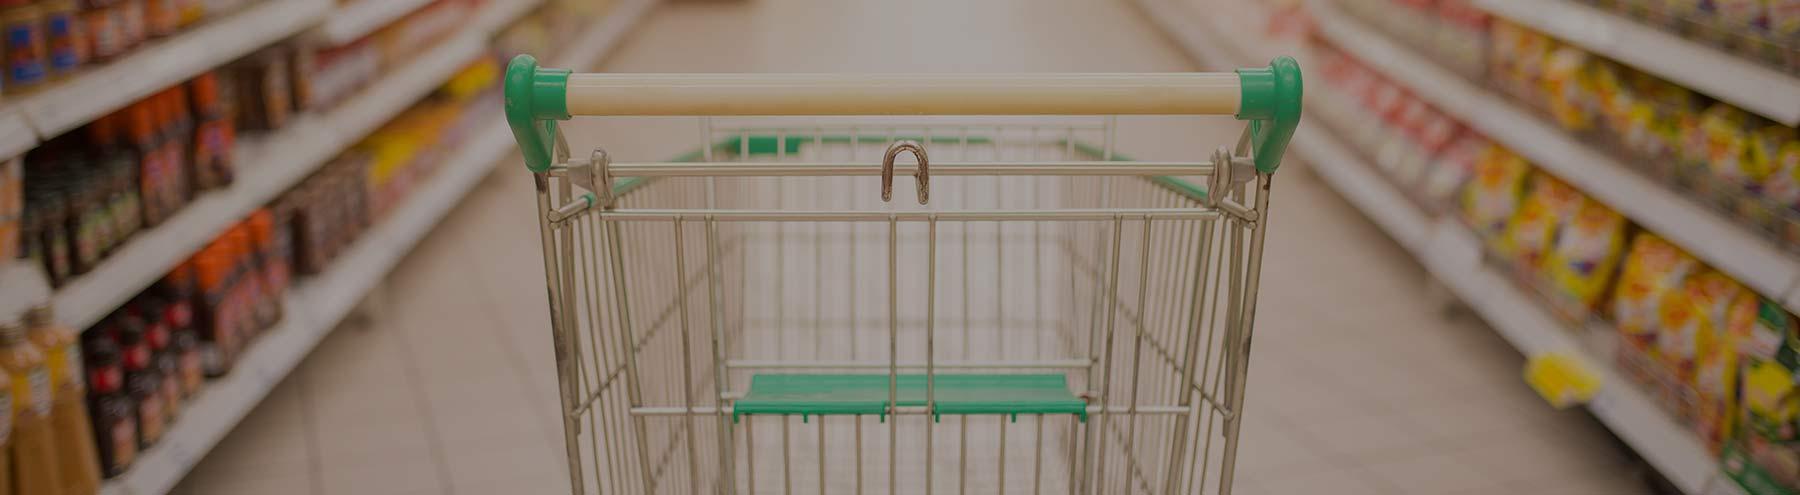 בחני את עצמך: איזה טיפוס את כשזה מגיע לקניות בסופר?